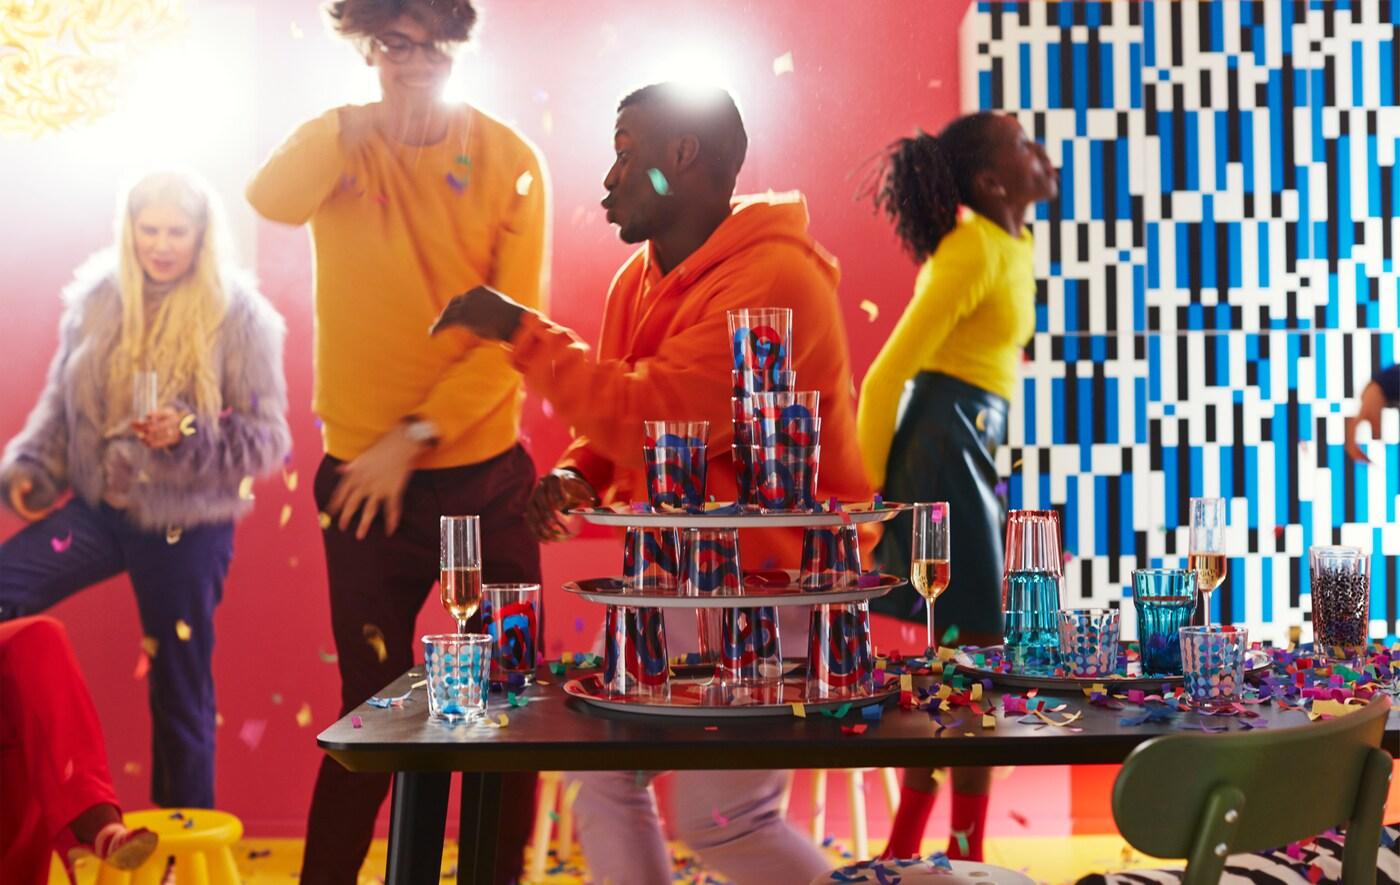 O petrecere plină de culoare cu diferite tipuri de pahare, precum paharele FRAMKALLA  cu modele șerpuitoare și îndrăznețe în albastru și roșu.